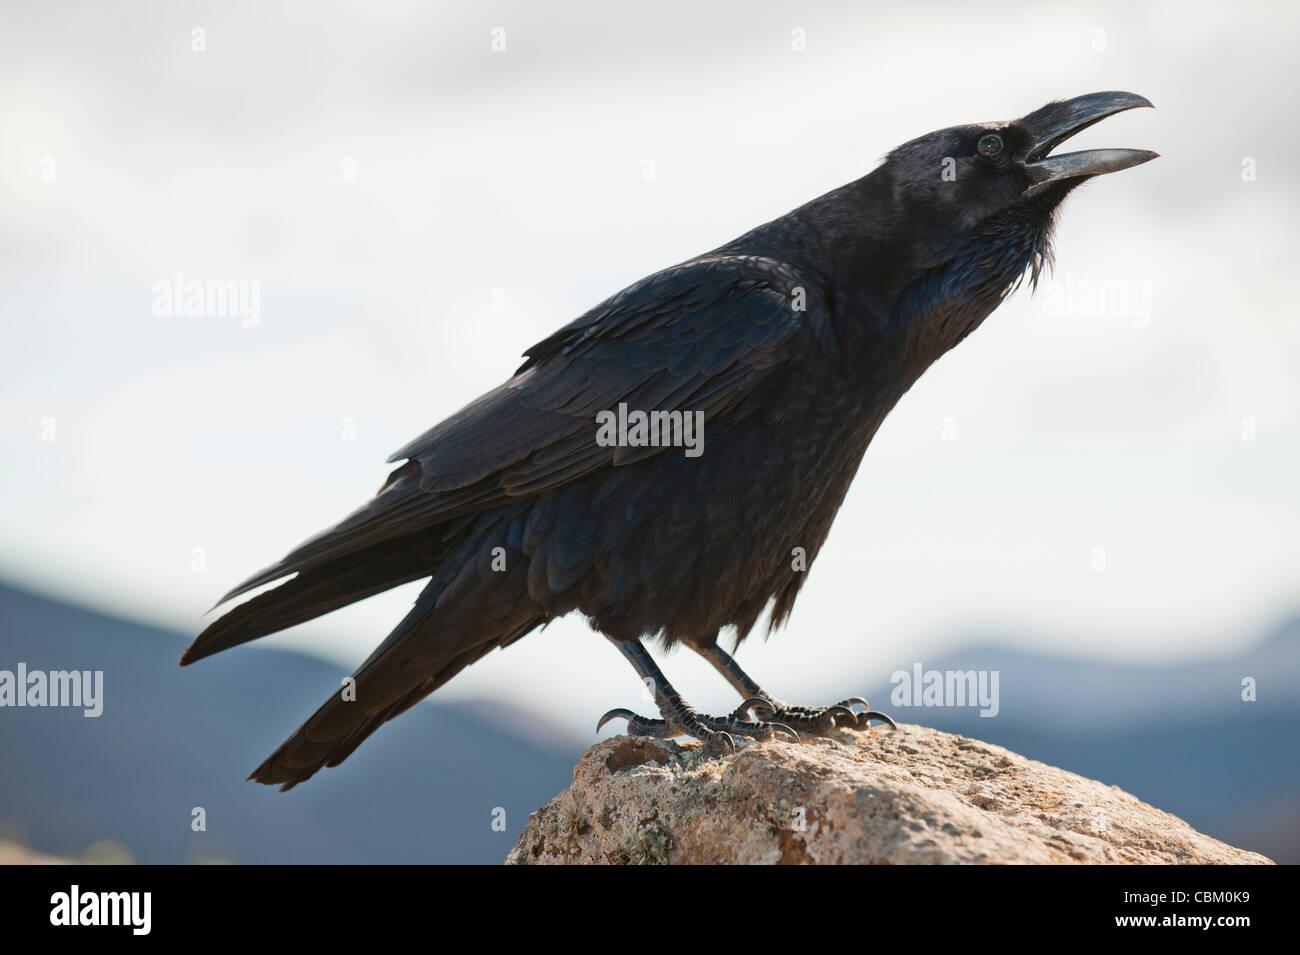 Raven Sie (Corvus Corax) im Gipfel des Vulkans Montaña Blanca, Lanzarote, Kanarische Inseln, Spanien Stockbild